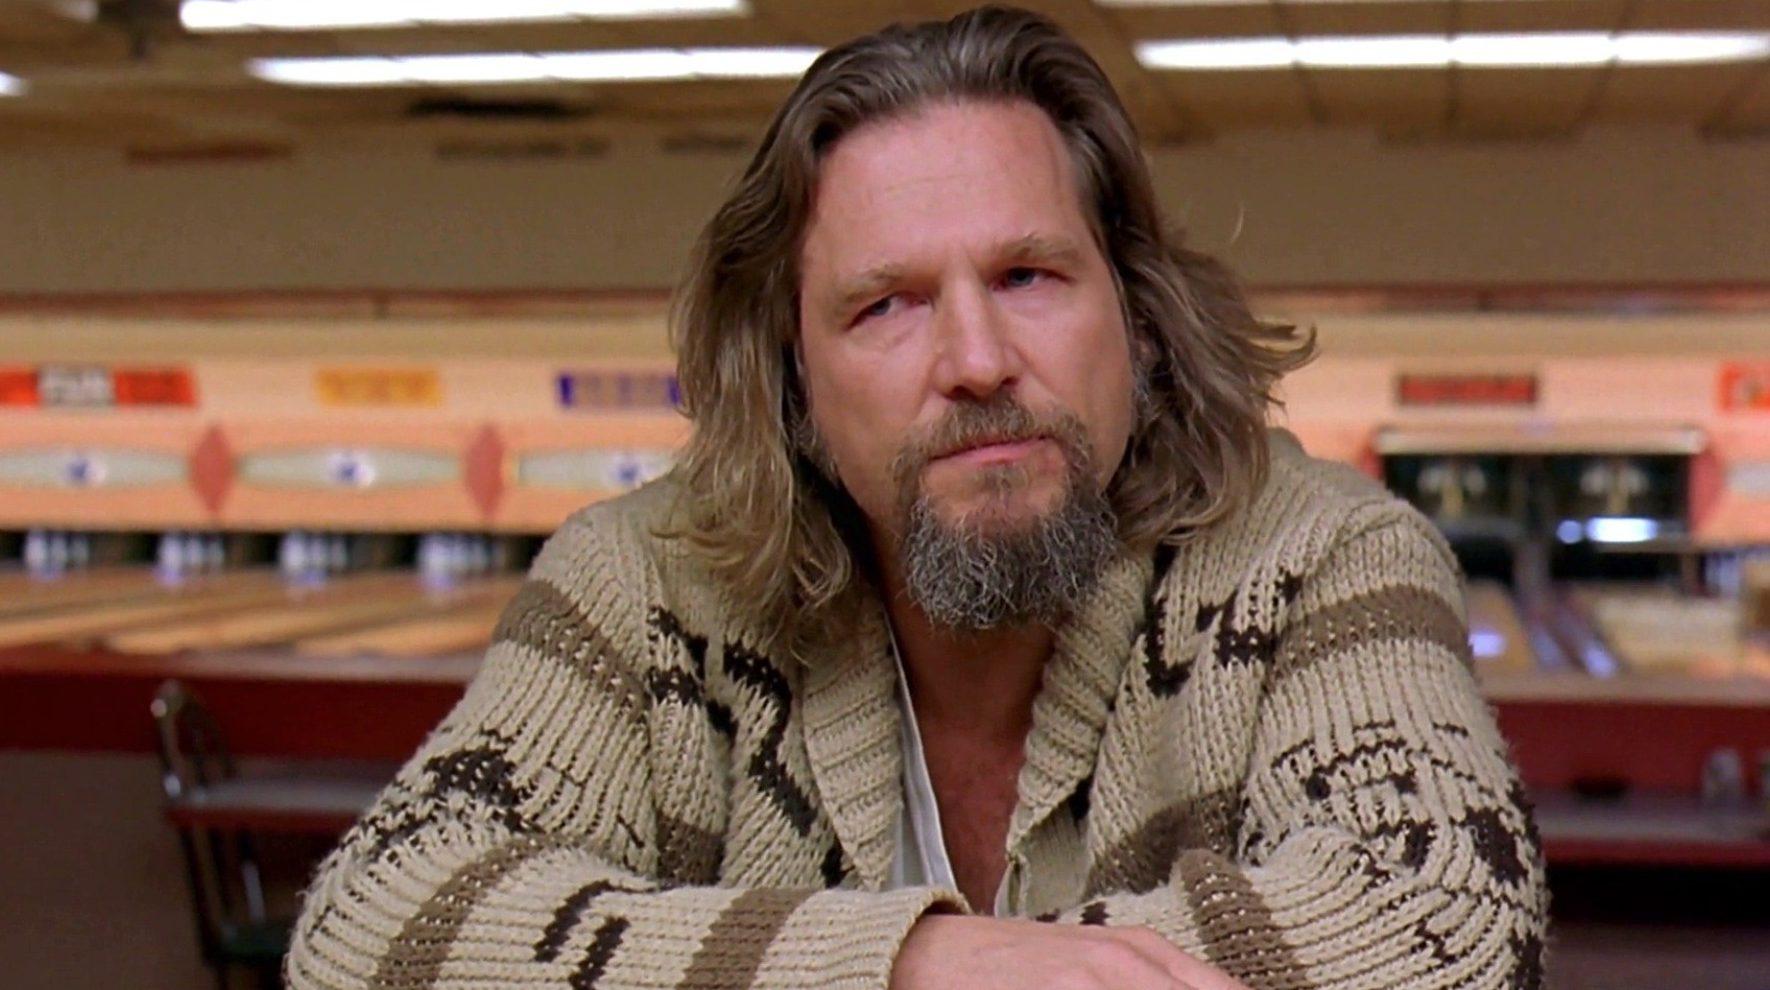 """Σπουδαίος """"Μεγάλος Λεμπόφσκι"""": Ο Jeff Bridges δίνει τη μάχη του με τον καρκίνο και συγκινεί"""